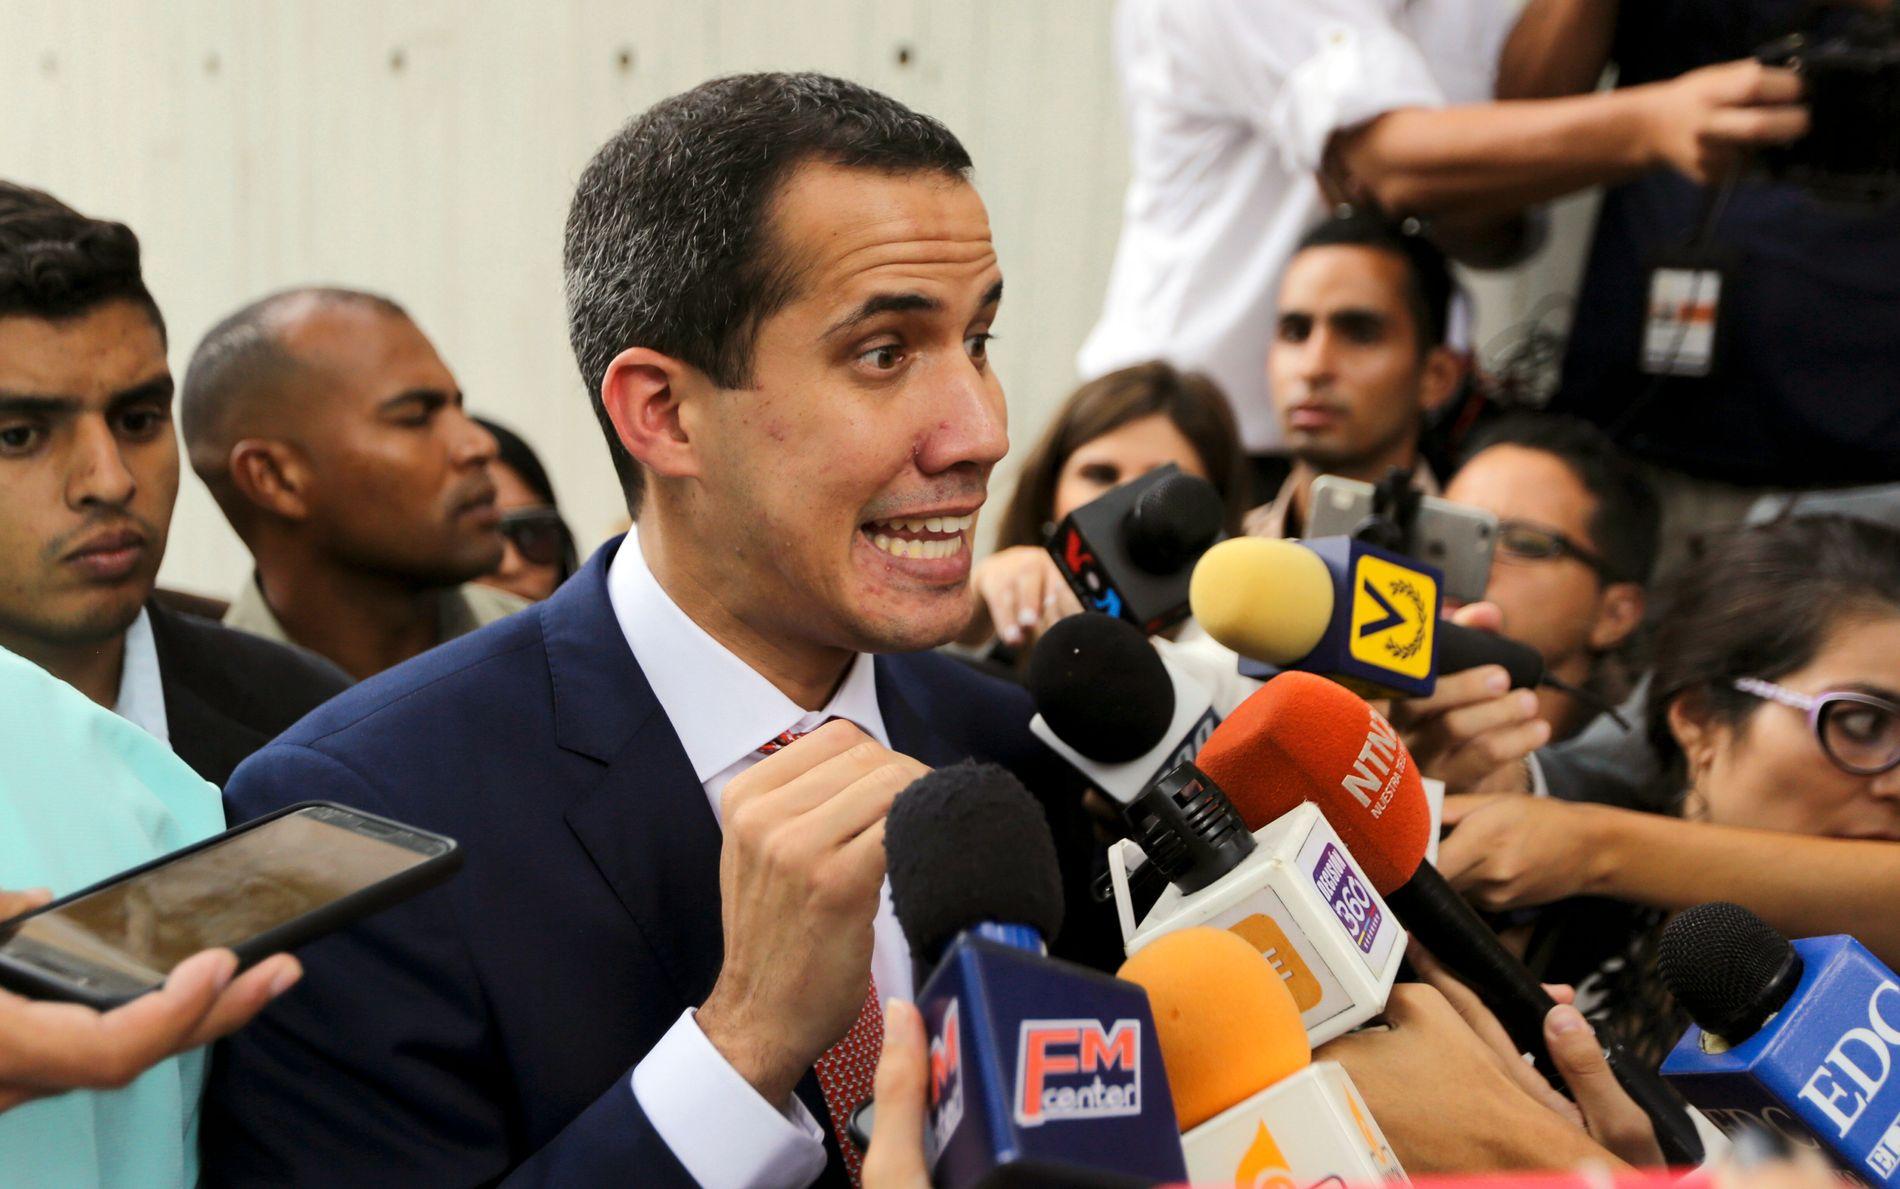 OPPOSISJONSLEDER: Juan Guaidó bekrefter at opposisjonen vil stille til møter med det sittende regimet styrt av president Nicolás Maduro, når det blir nye møter i Oslo til uken.